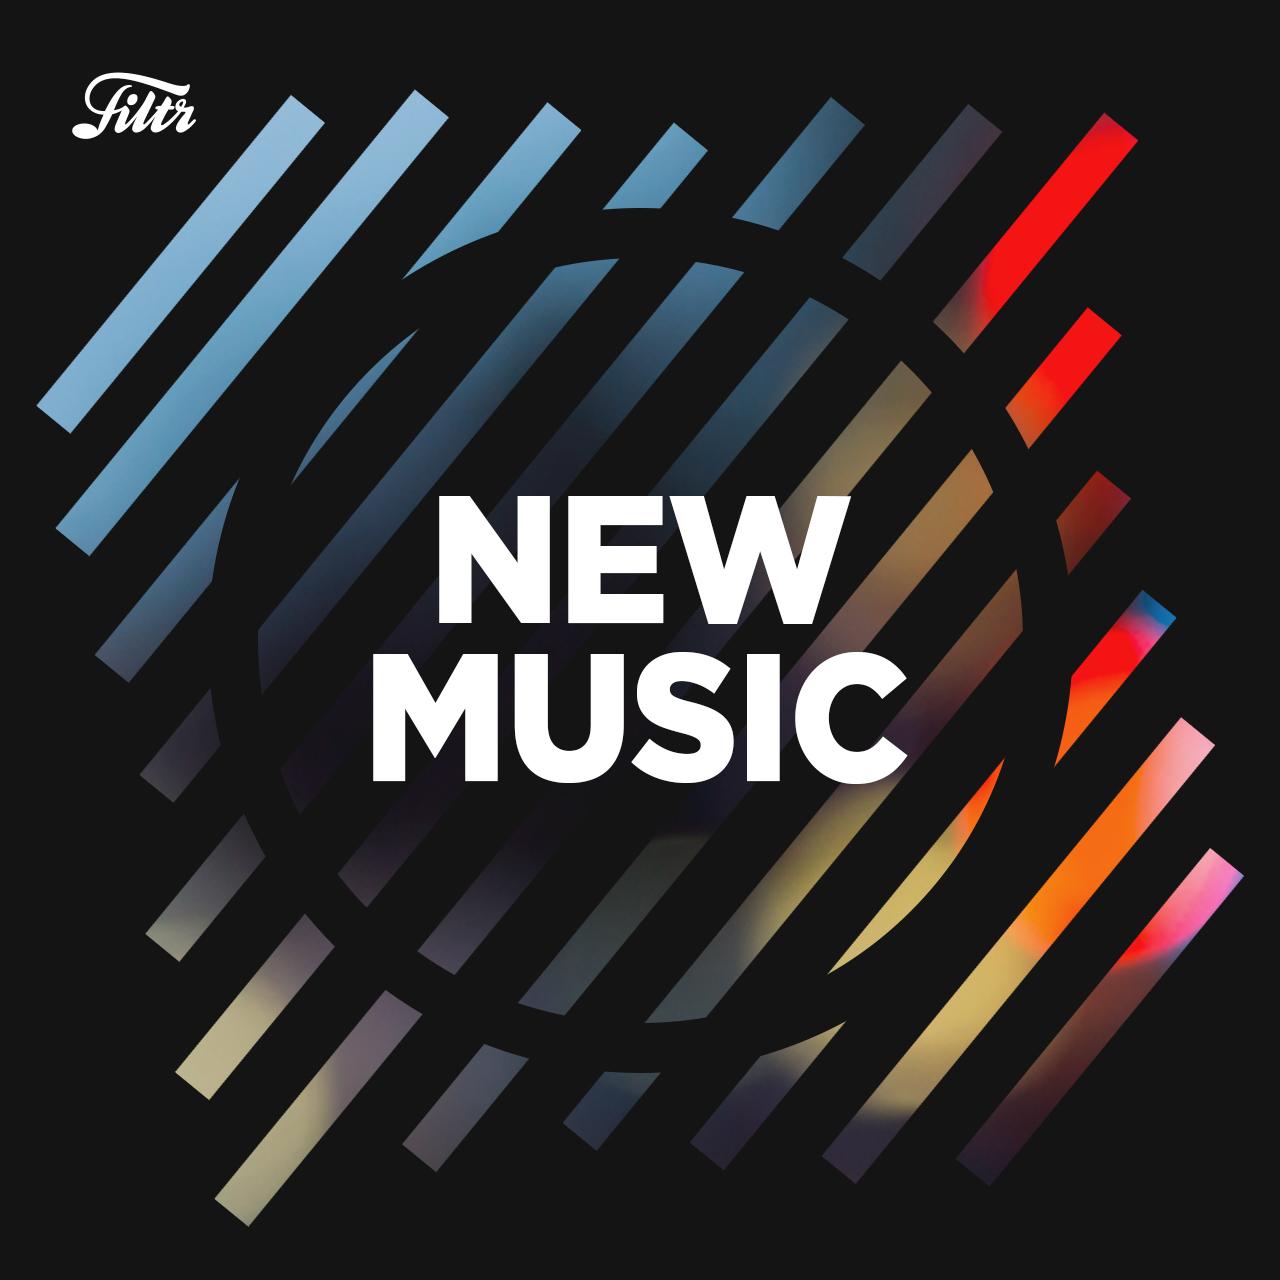 New-Music.jpg